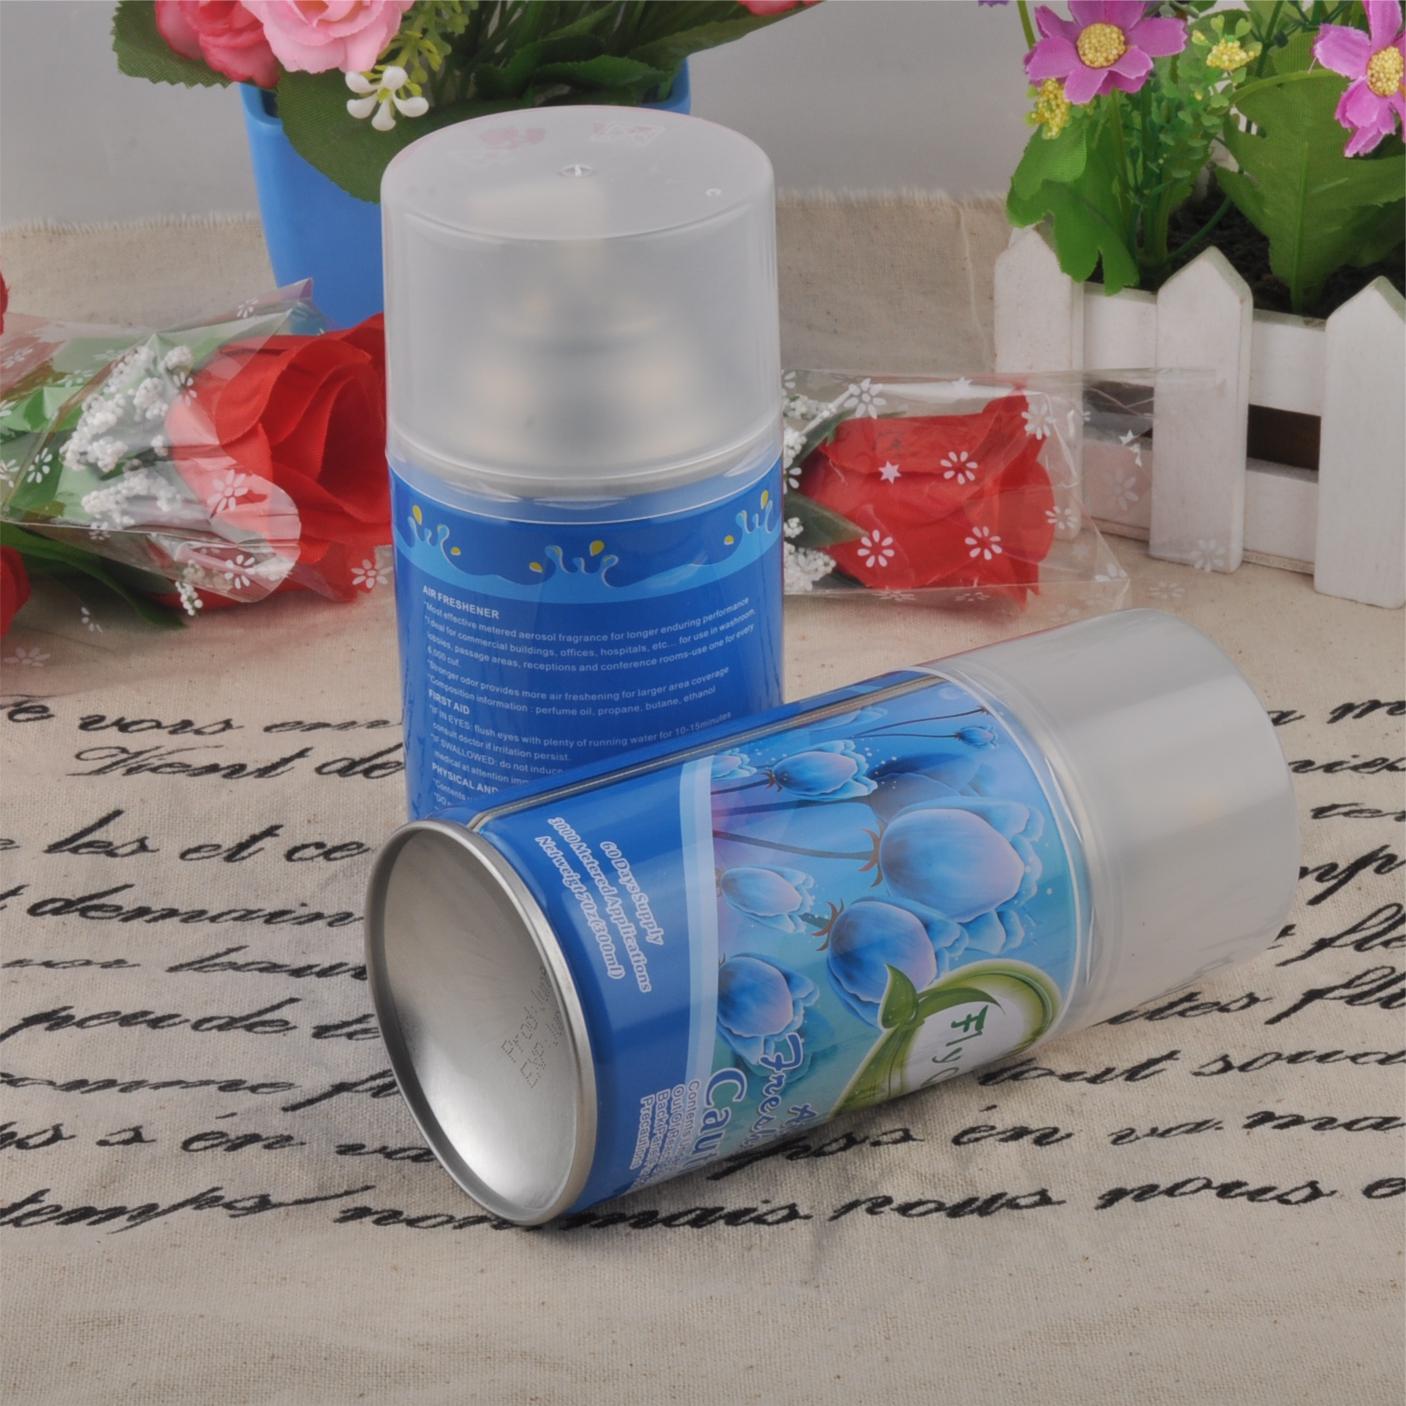 空气清新剂 自动喷香机香水喷雾家居酒店厕所除臭持久留香芳香剂